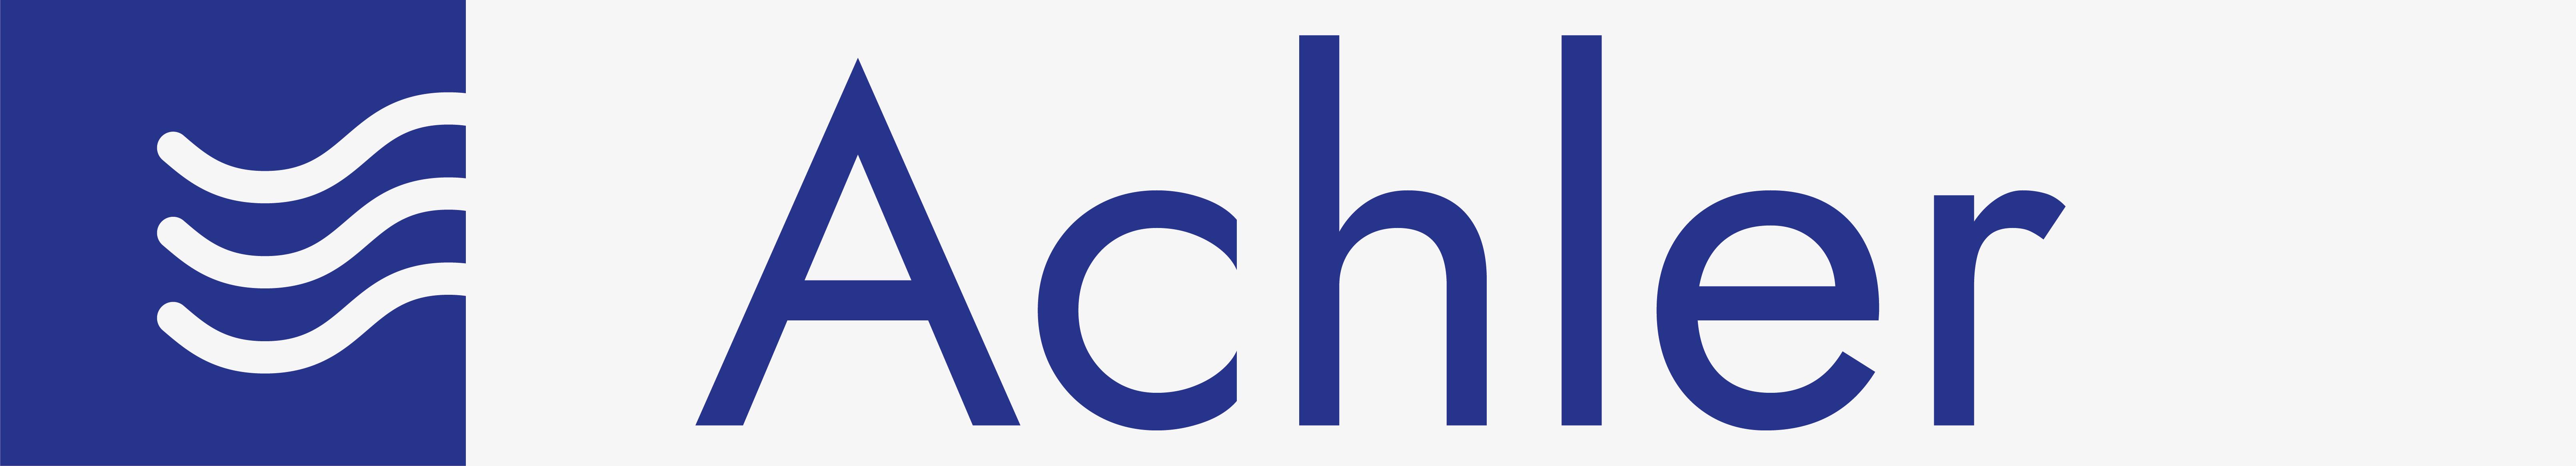 Achler – Kancelaria prawa medycznego Warszawa